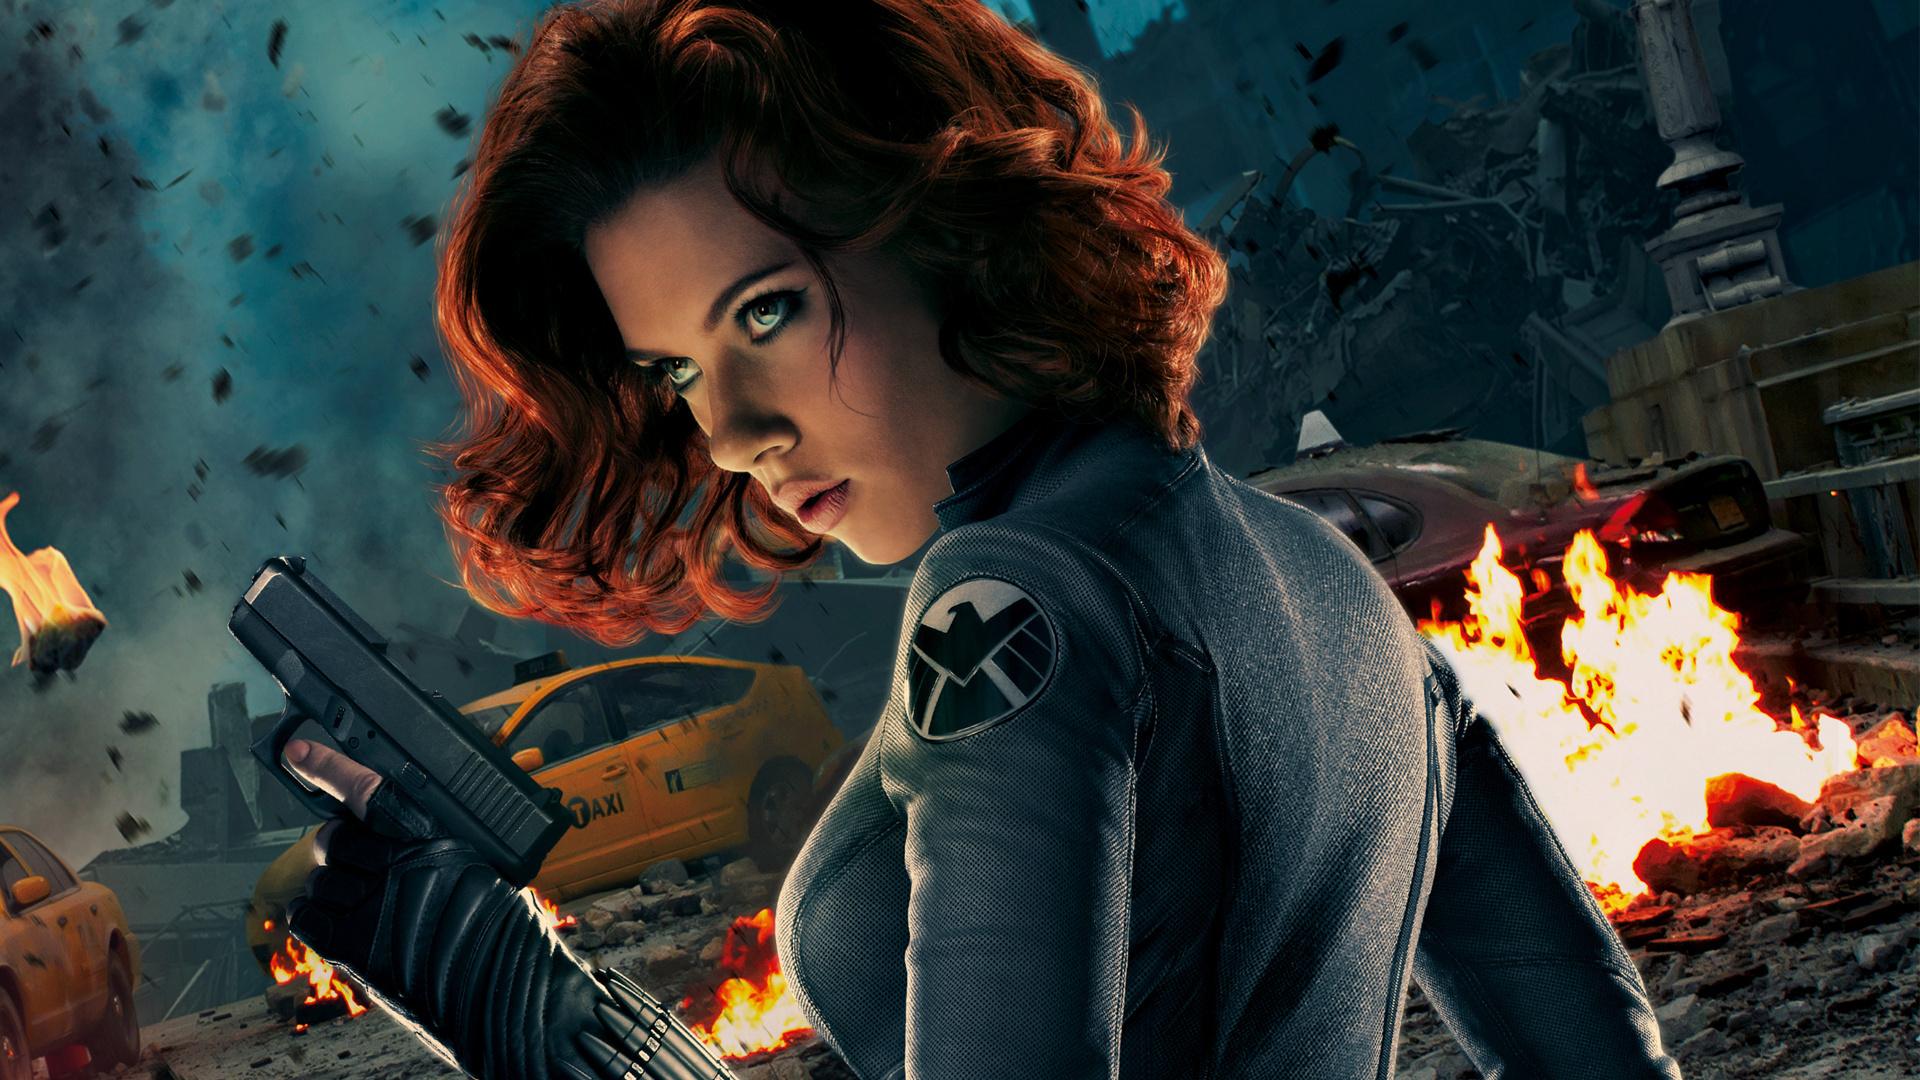 Marvel'ın Beklenen Filmi Black Widow'un Set Görüntüleri İnternete Düştü